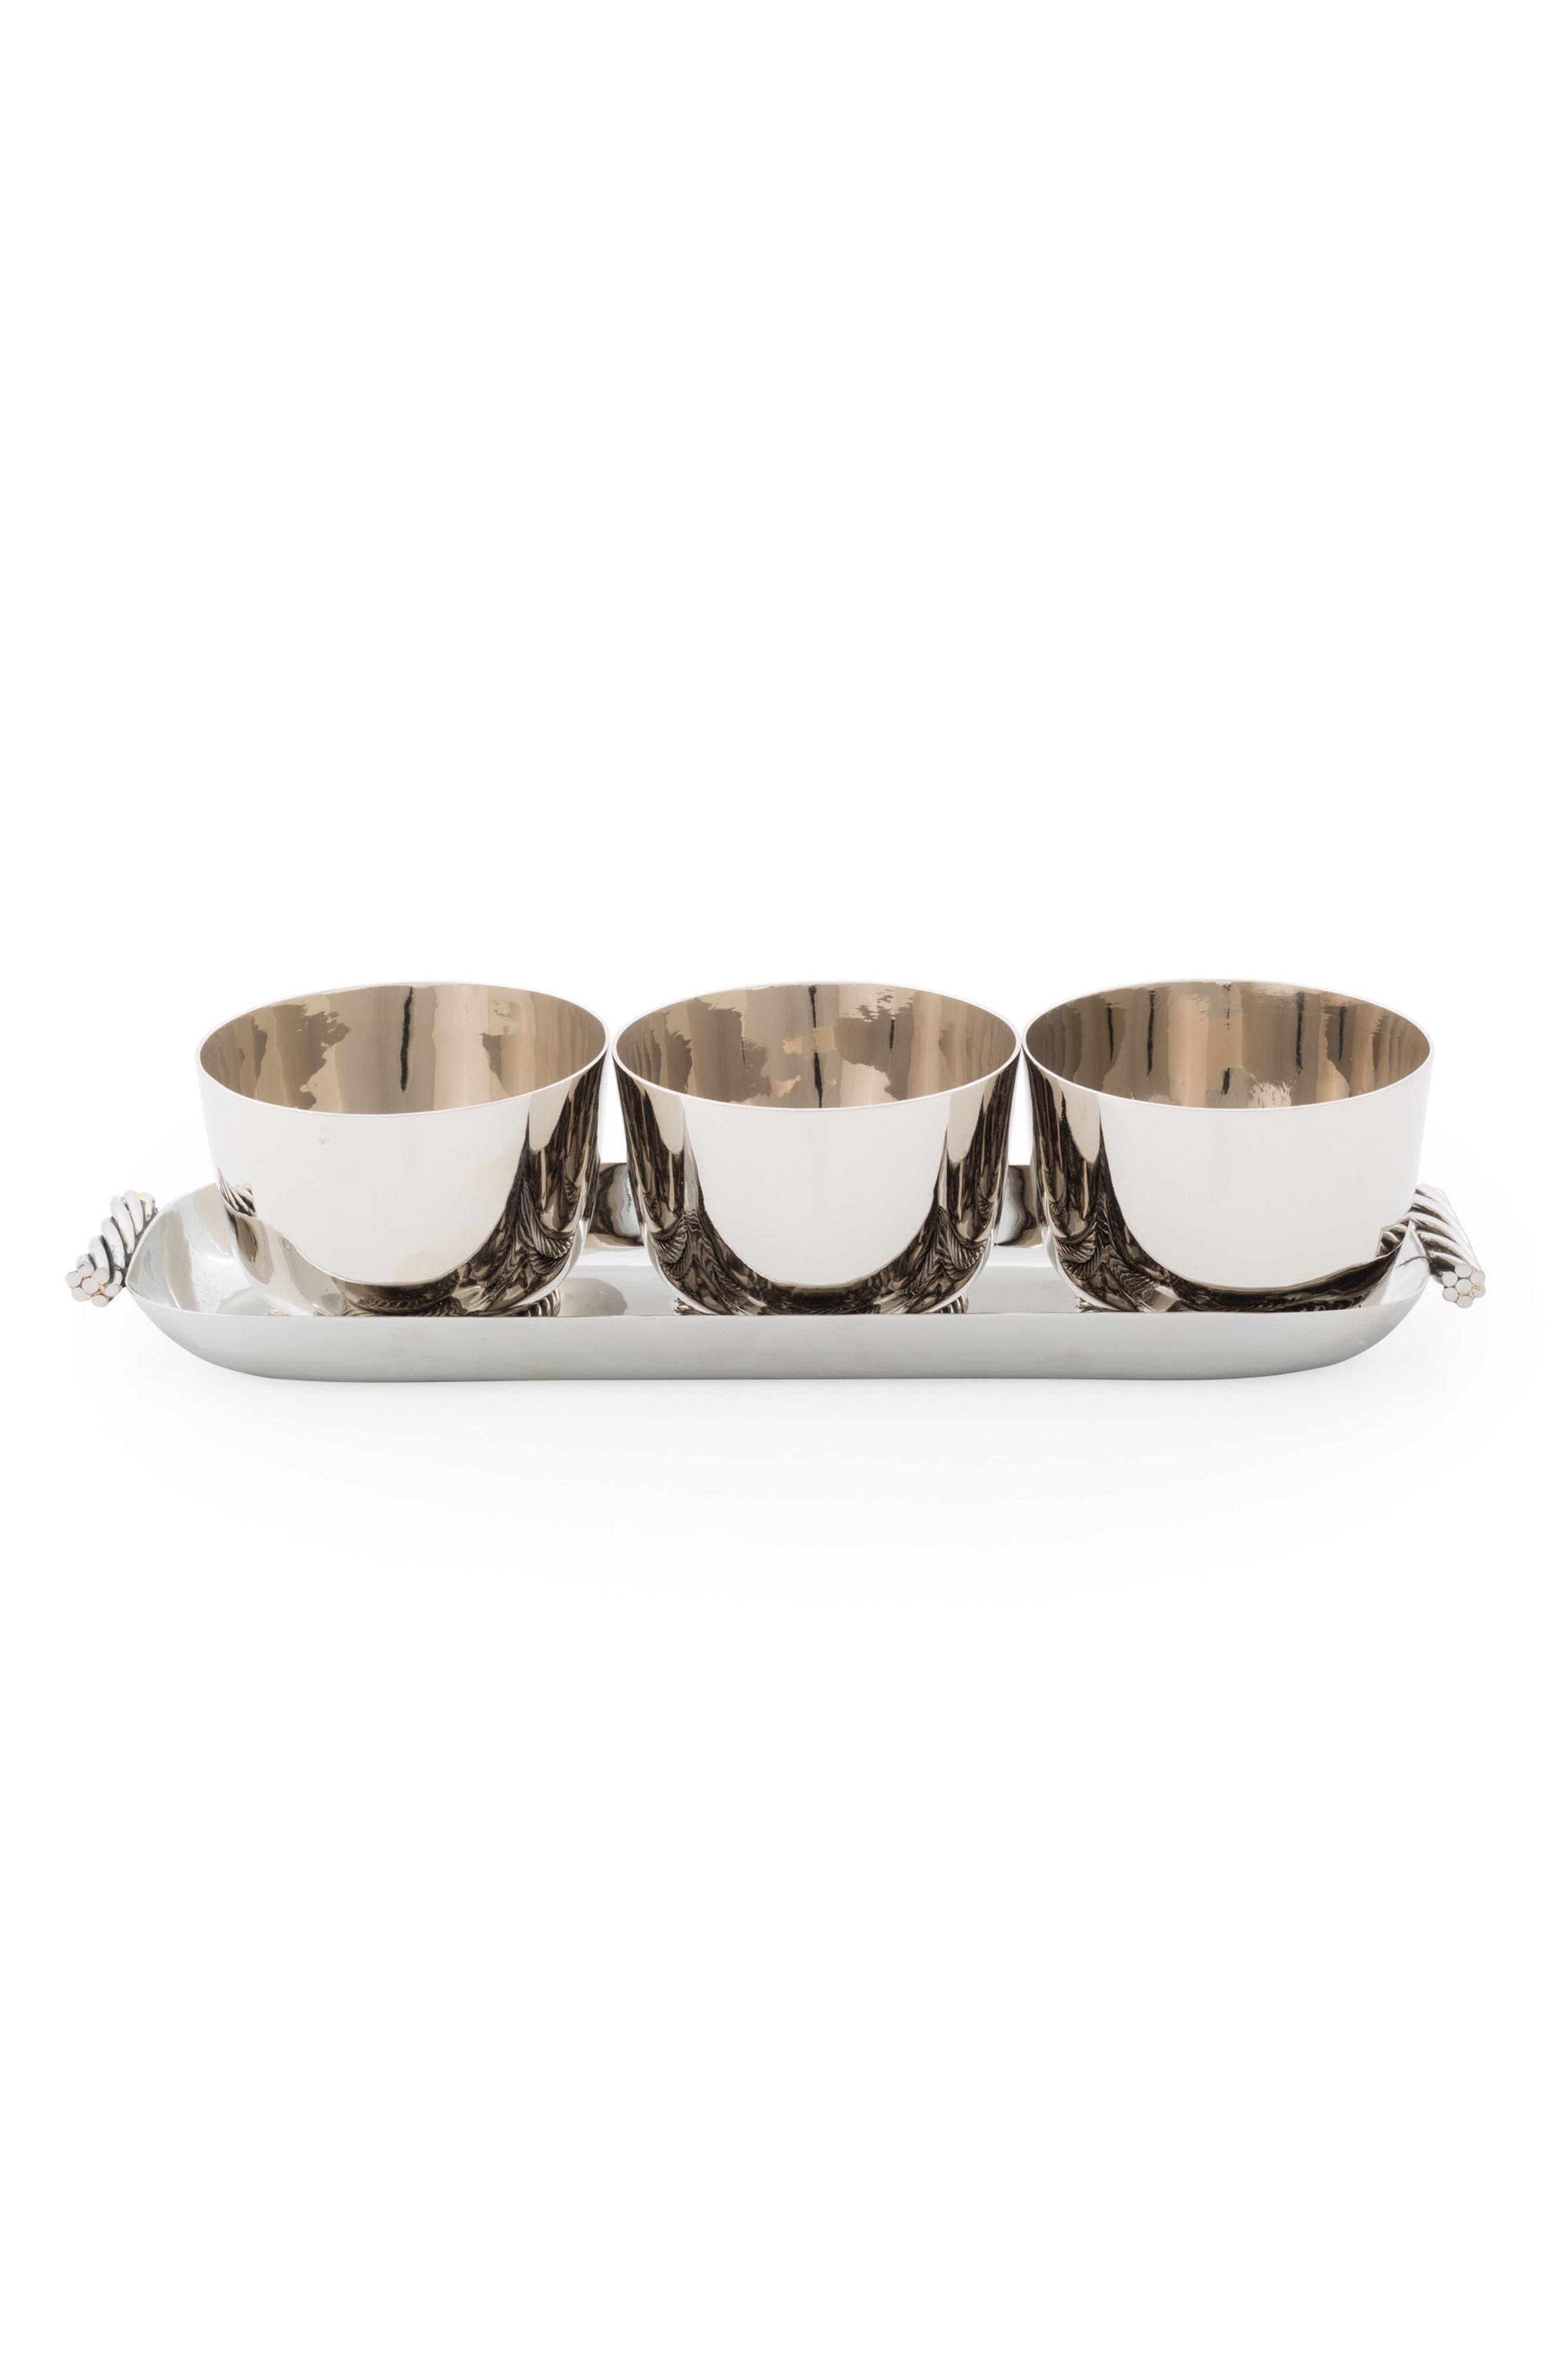 Twist Condiment Bowl & Serving Tray Set,                         Main,                         color, Twist